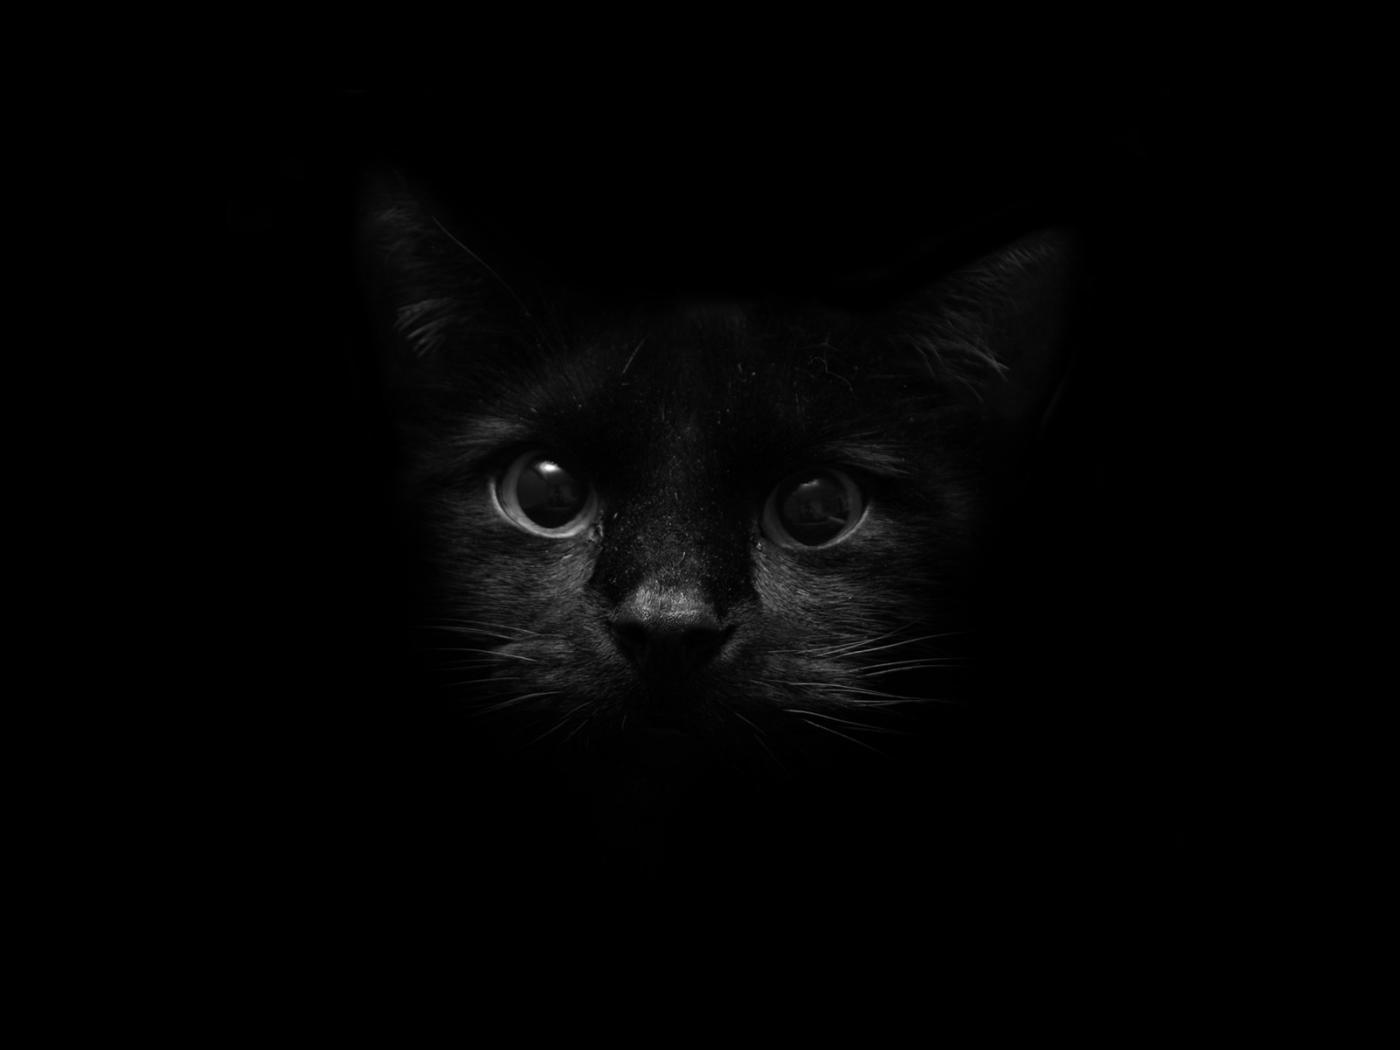 46878 скачать обои Животные, Кошки (Коты, Котики) - заставки и картинки бесплатно